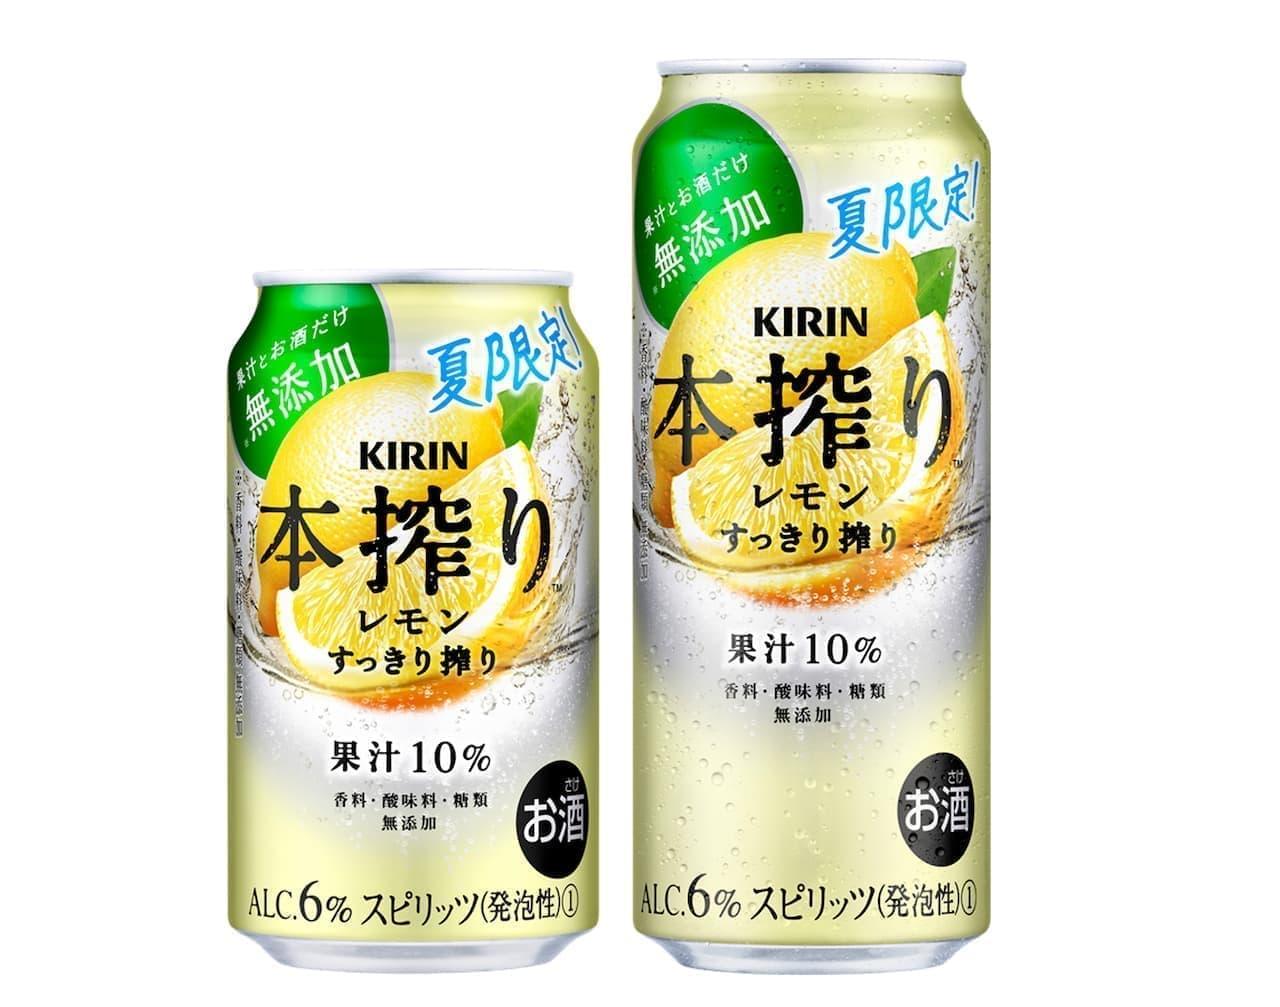 キリンビール「キリン 本搾りTMチューハイ レモン すっきり搾り(期間限定)」